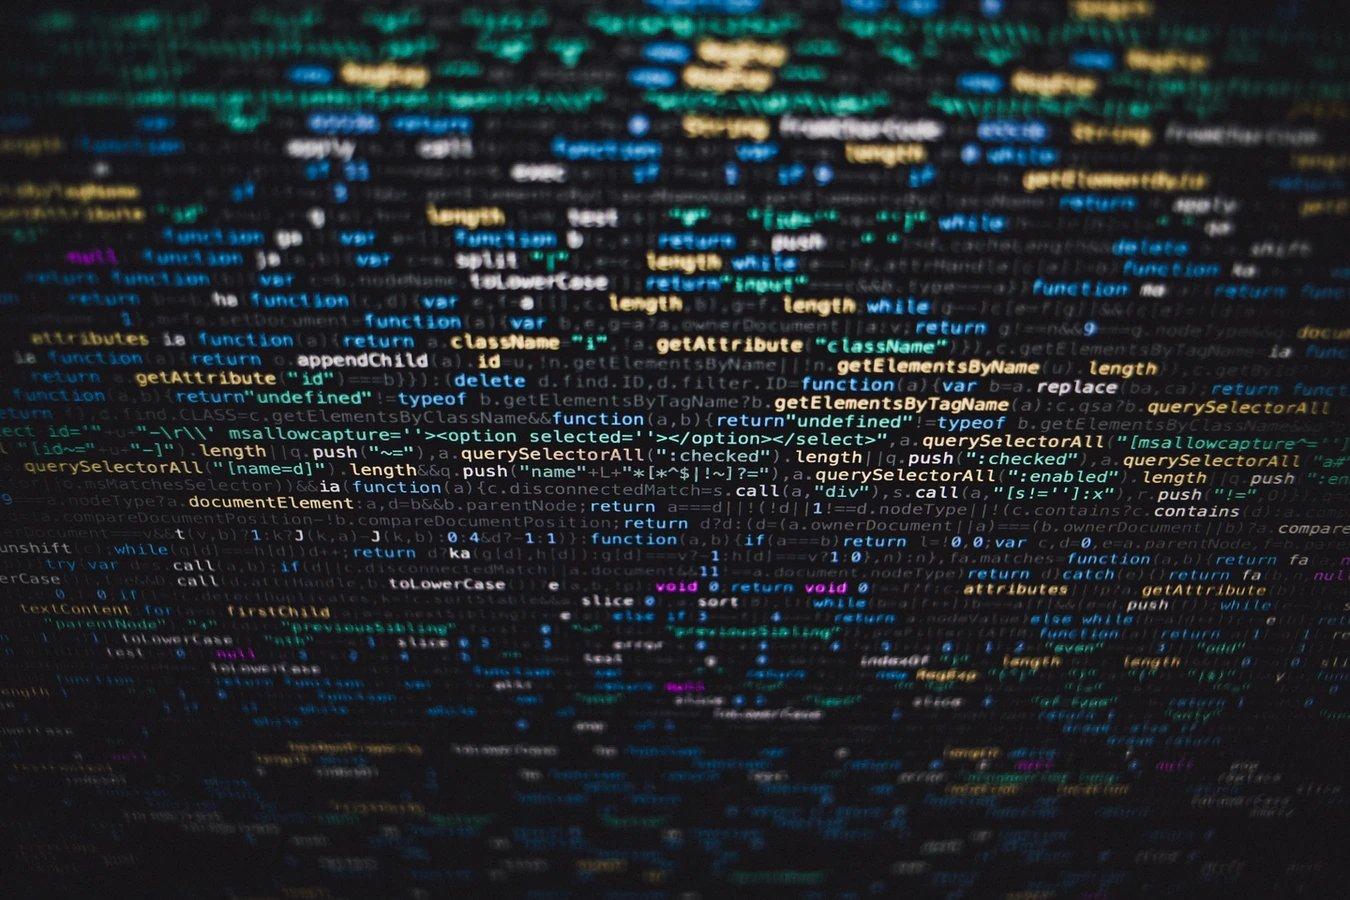 Código fonte empresas